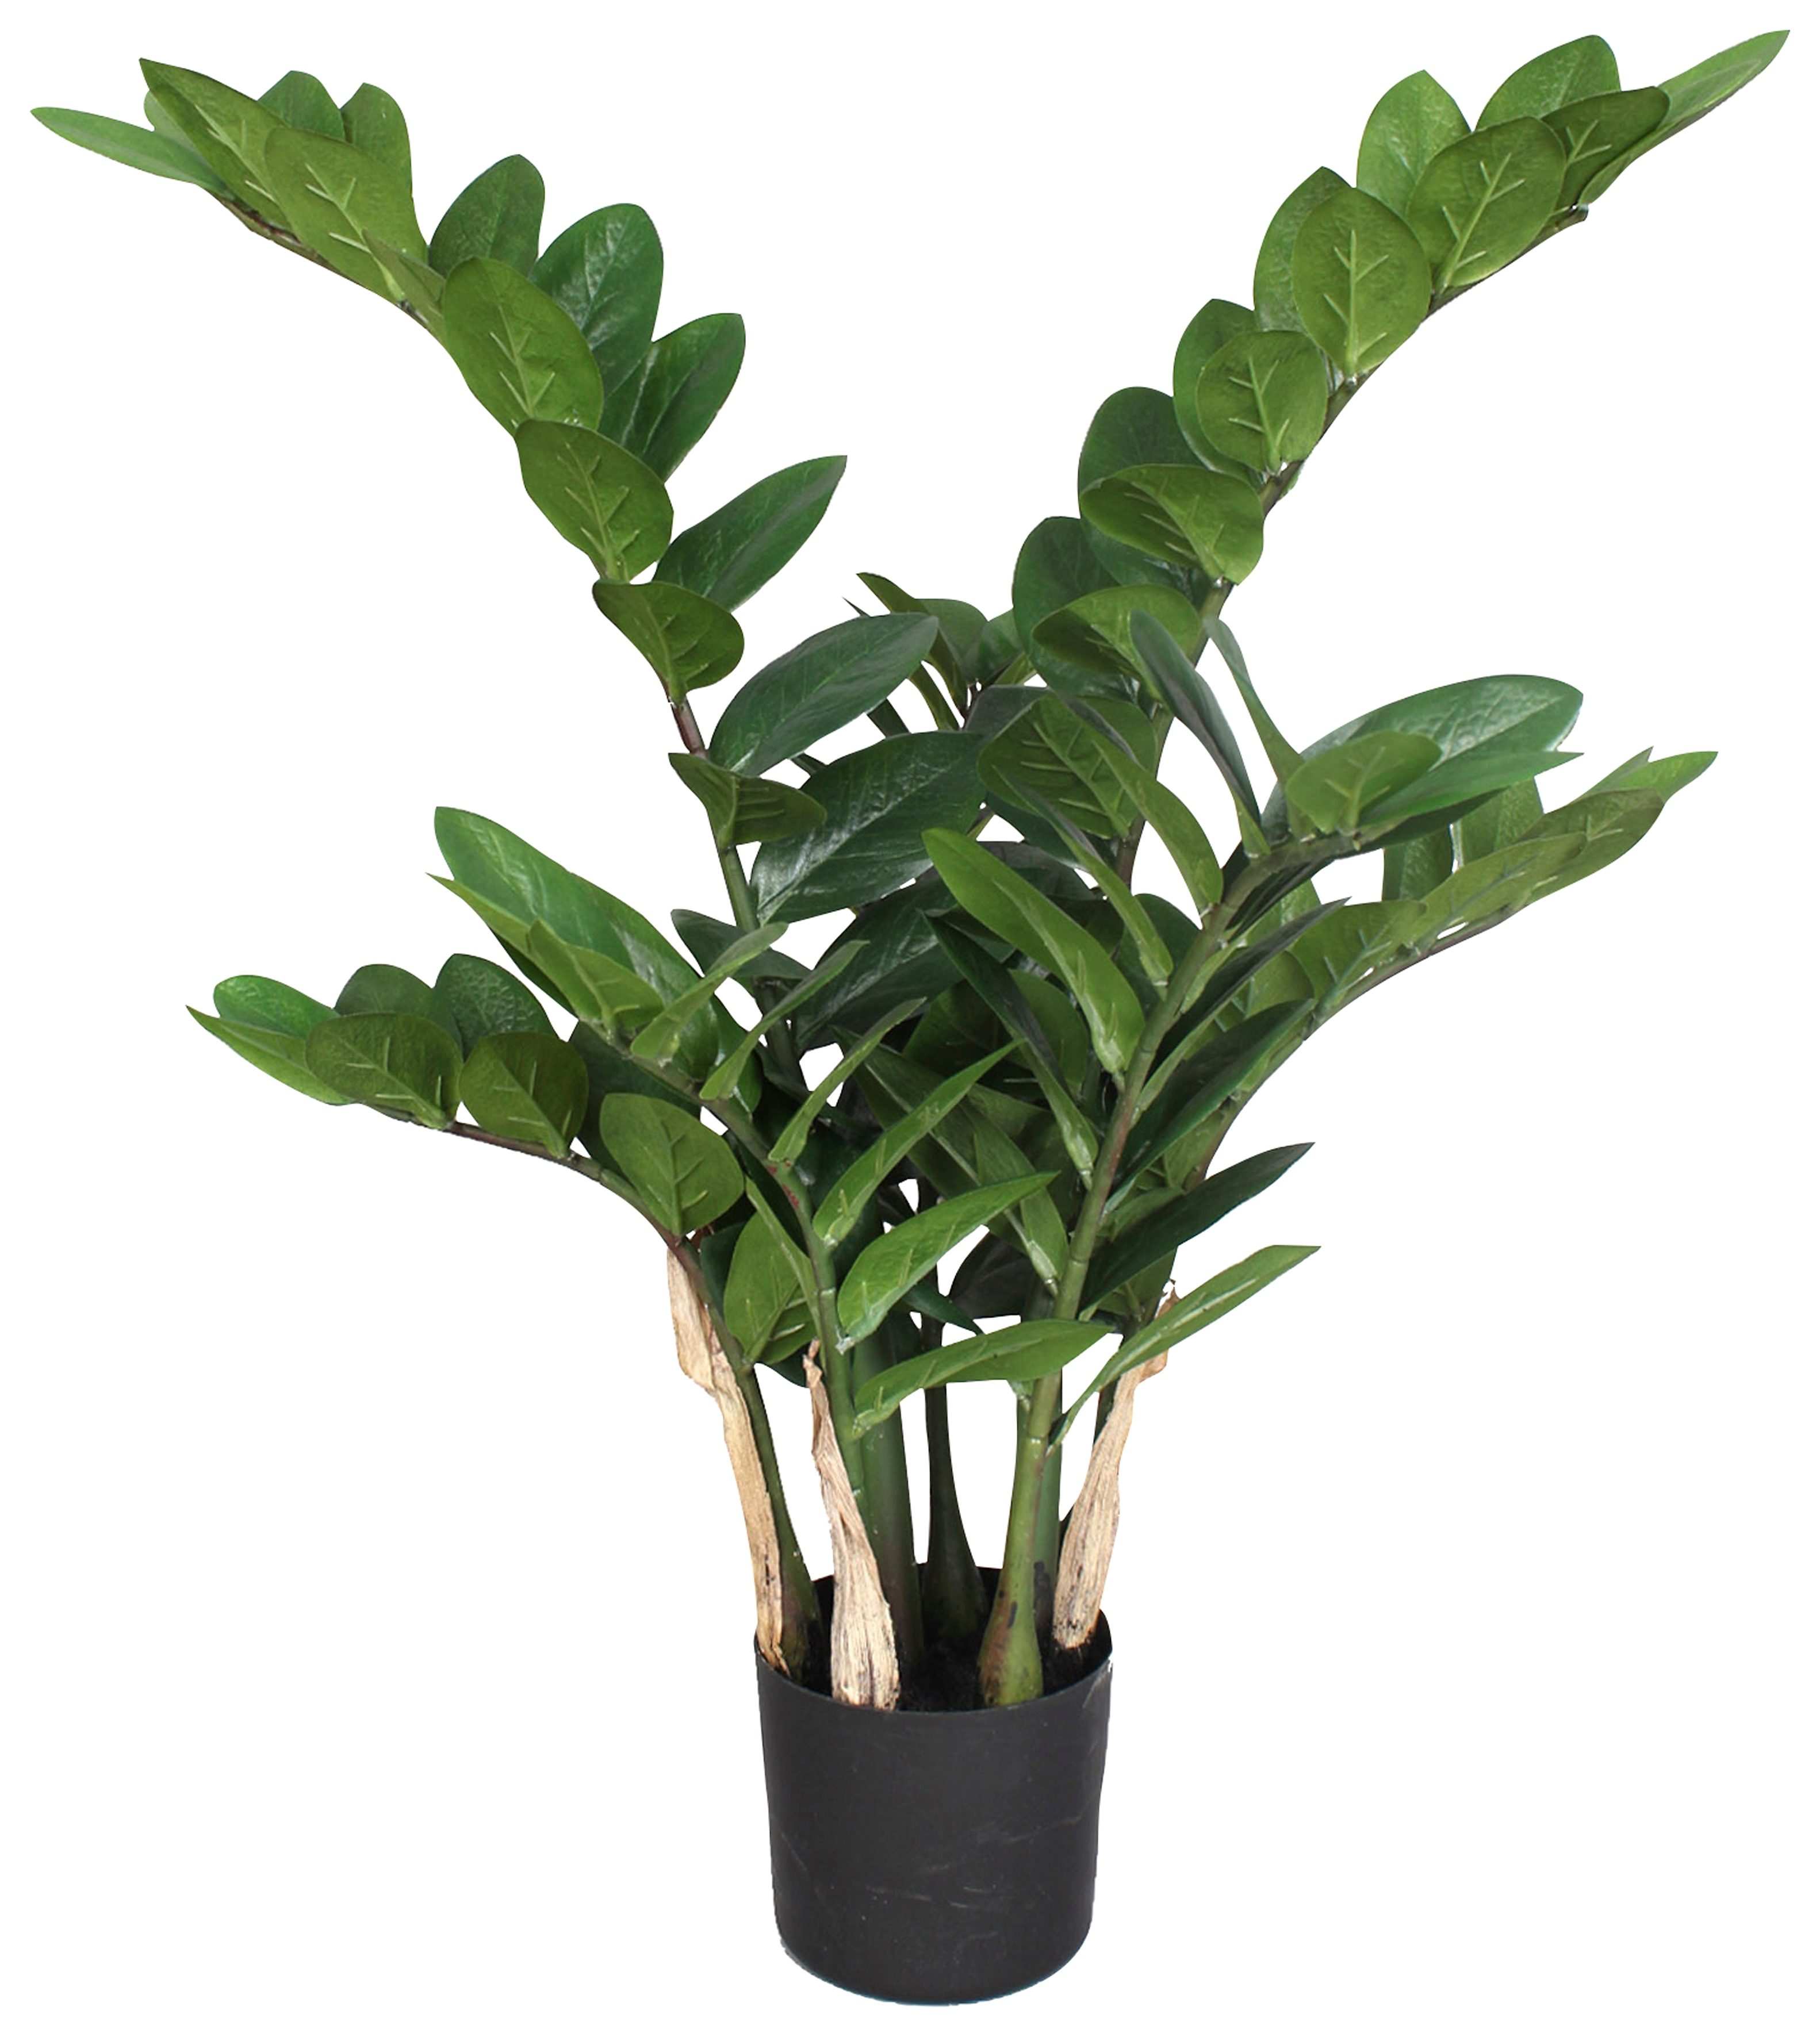 Kunstpflanze Zamifolia Technik & Freizeit/Heimwerken & Garten/Garten & Balkon/Pflanzen/Zimmerpflanzen